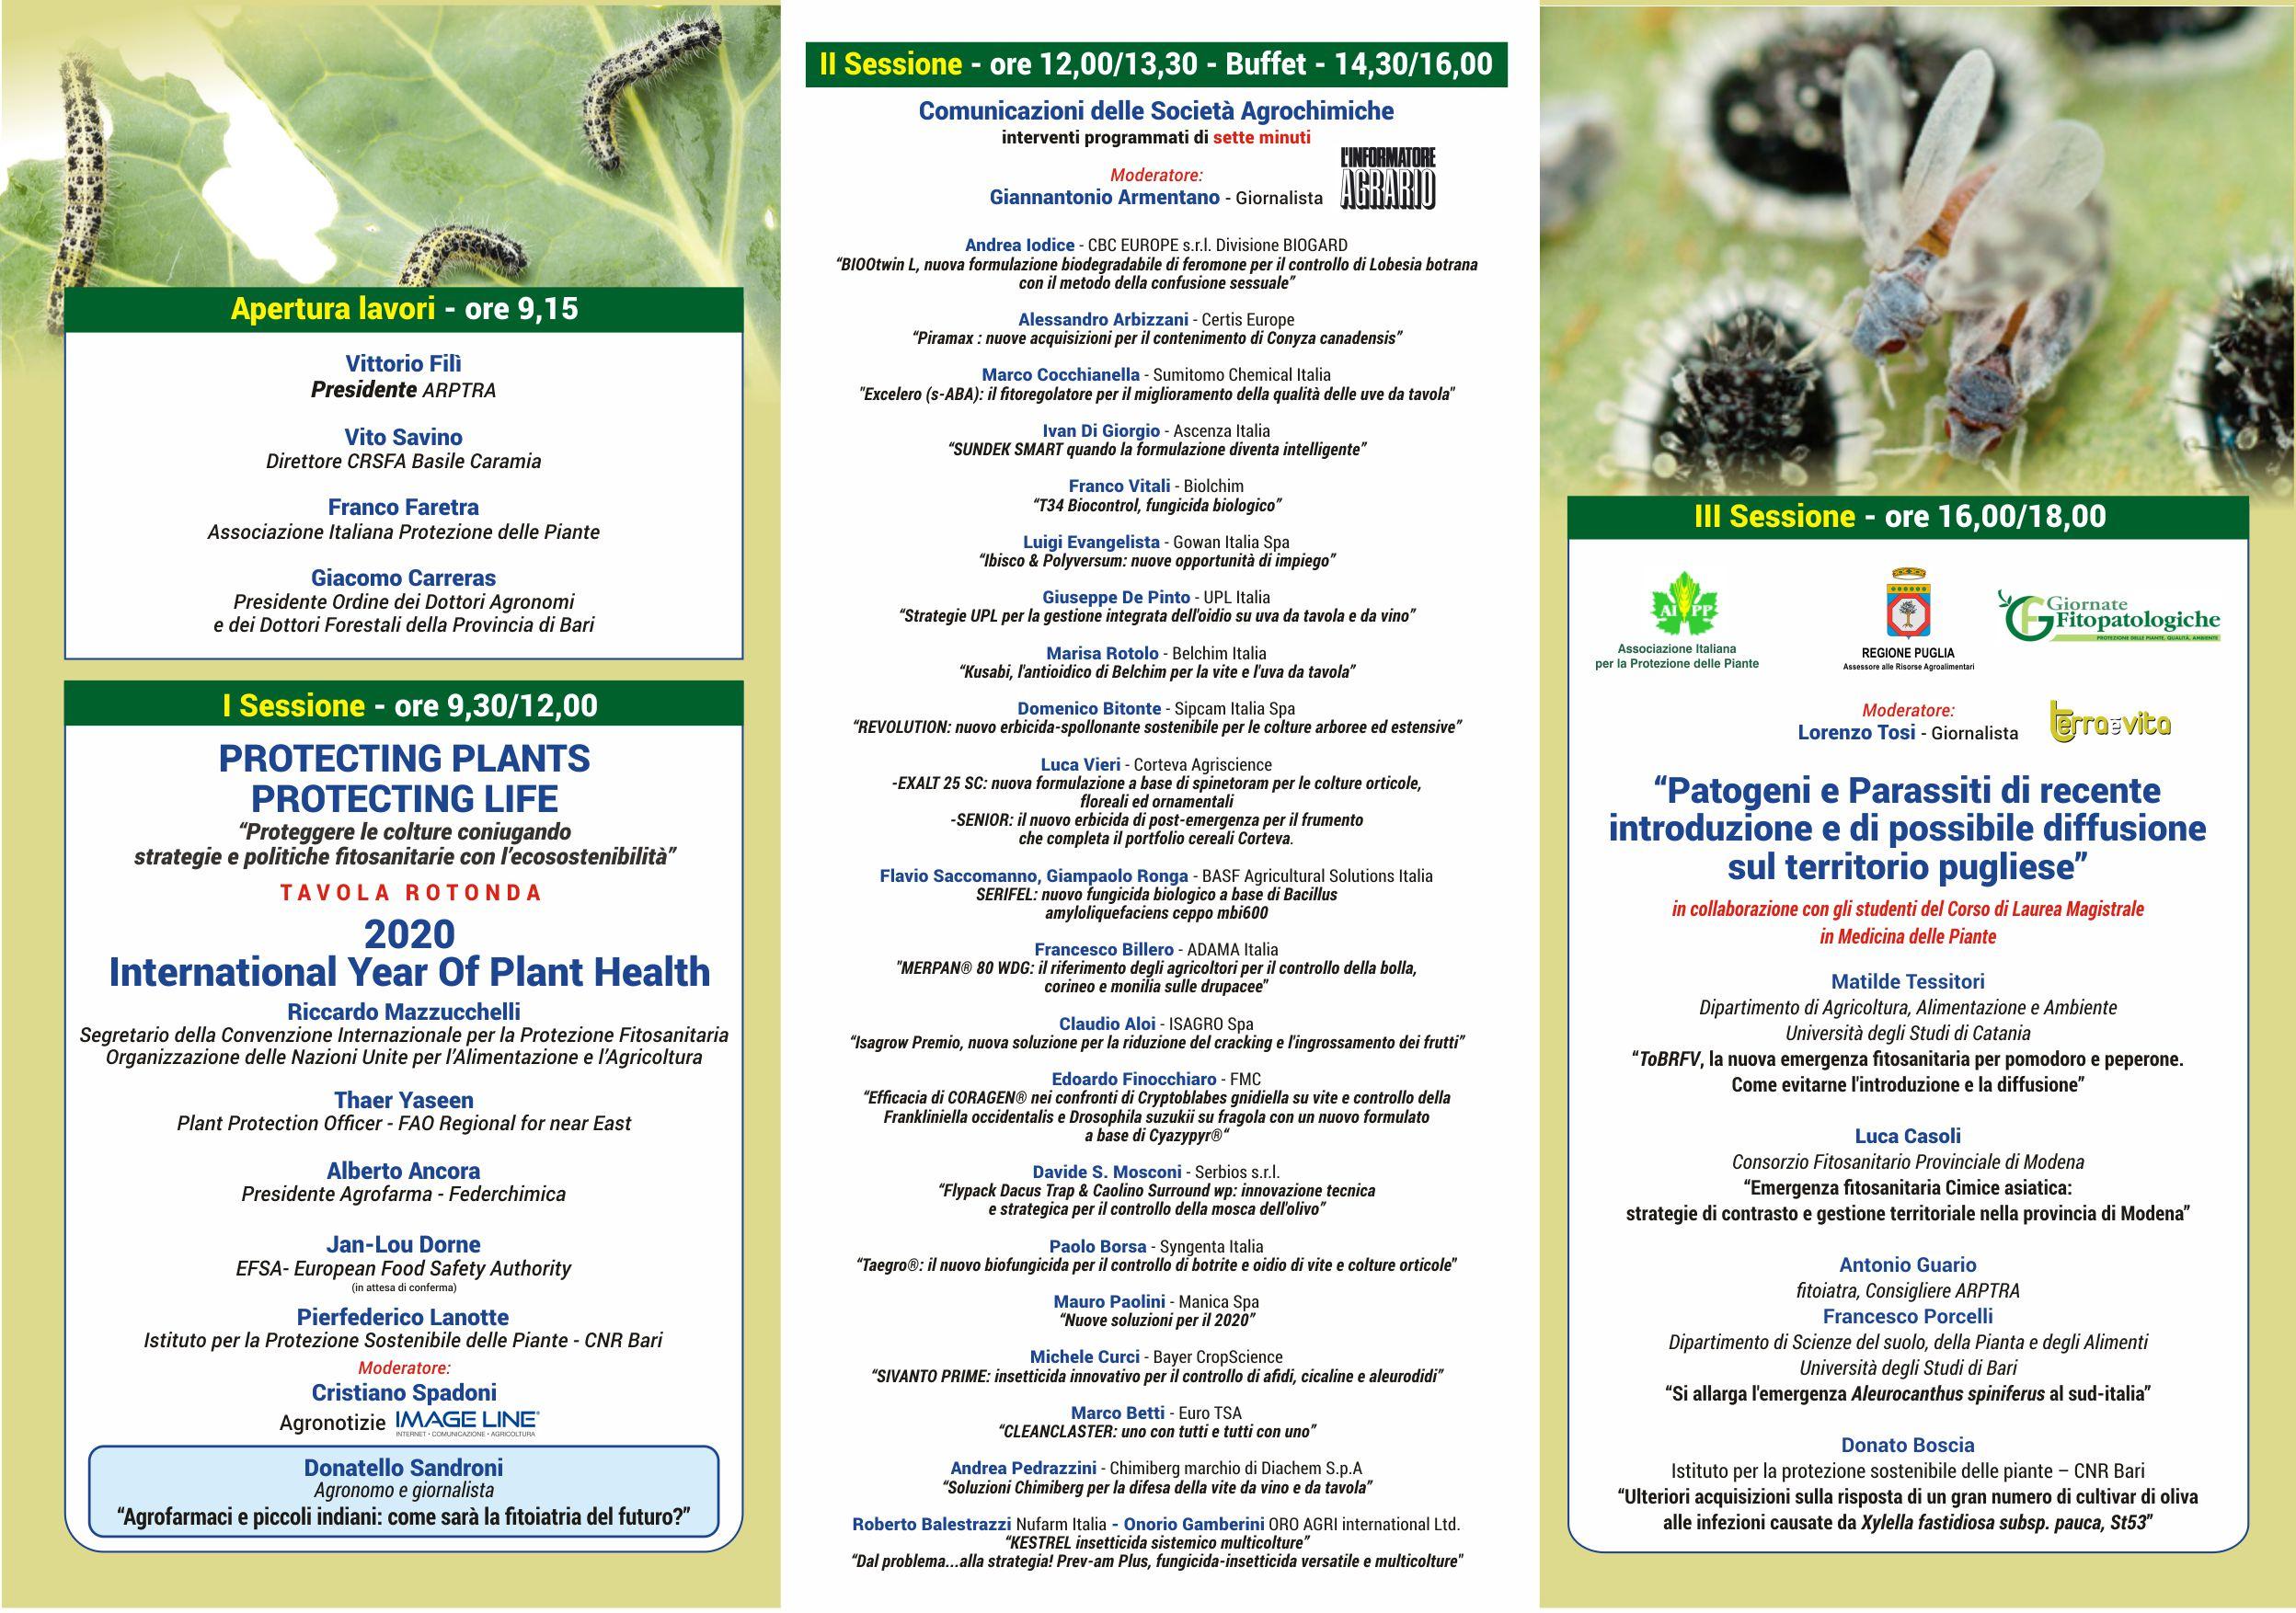 programma-31forum-di-medicina-vegetale